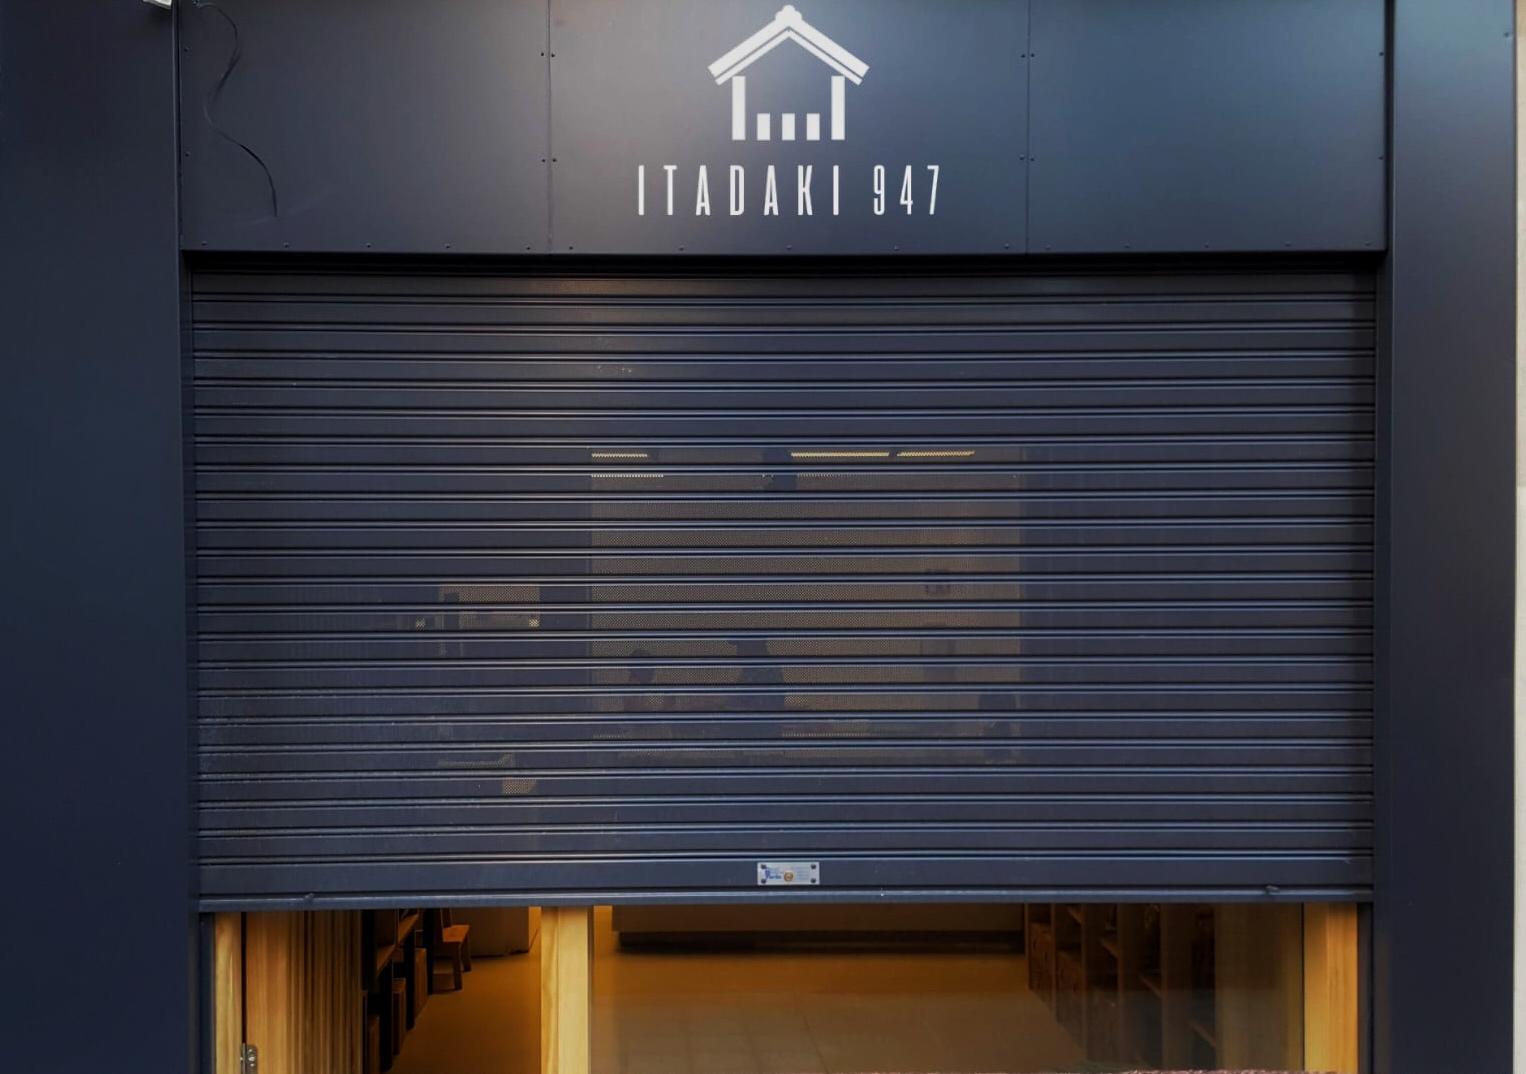 Itadaki 947. Fachada de la tienda de platos y productos asiáticos y burgaleses